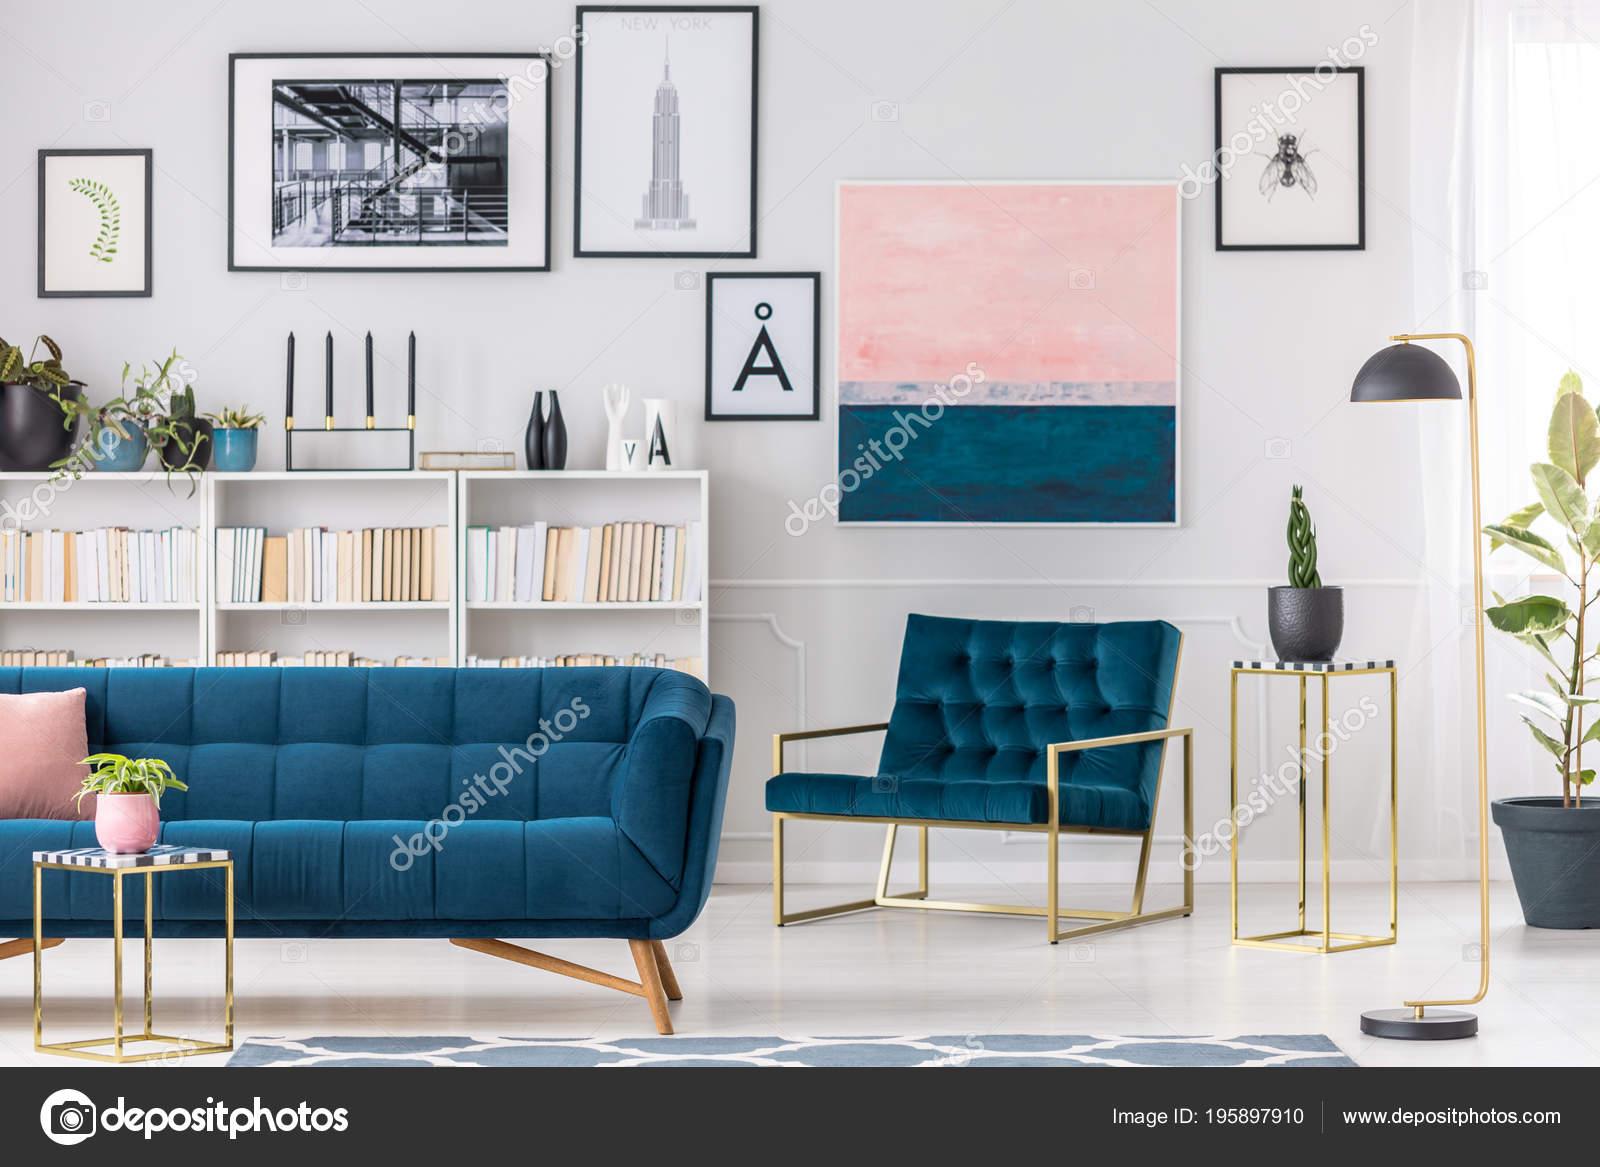 Moderne Wohnzimmer Interieur Mit Blaue Couch Sessel Goldenen Tischen